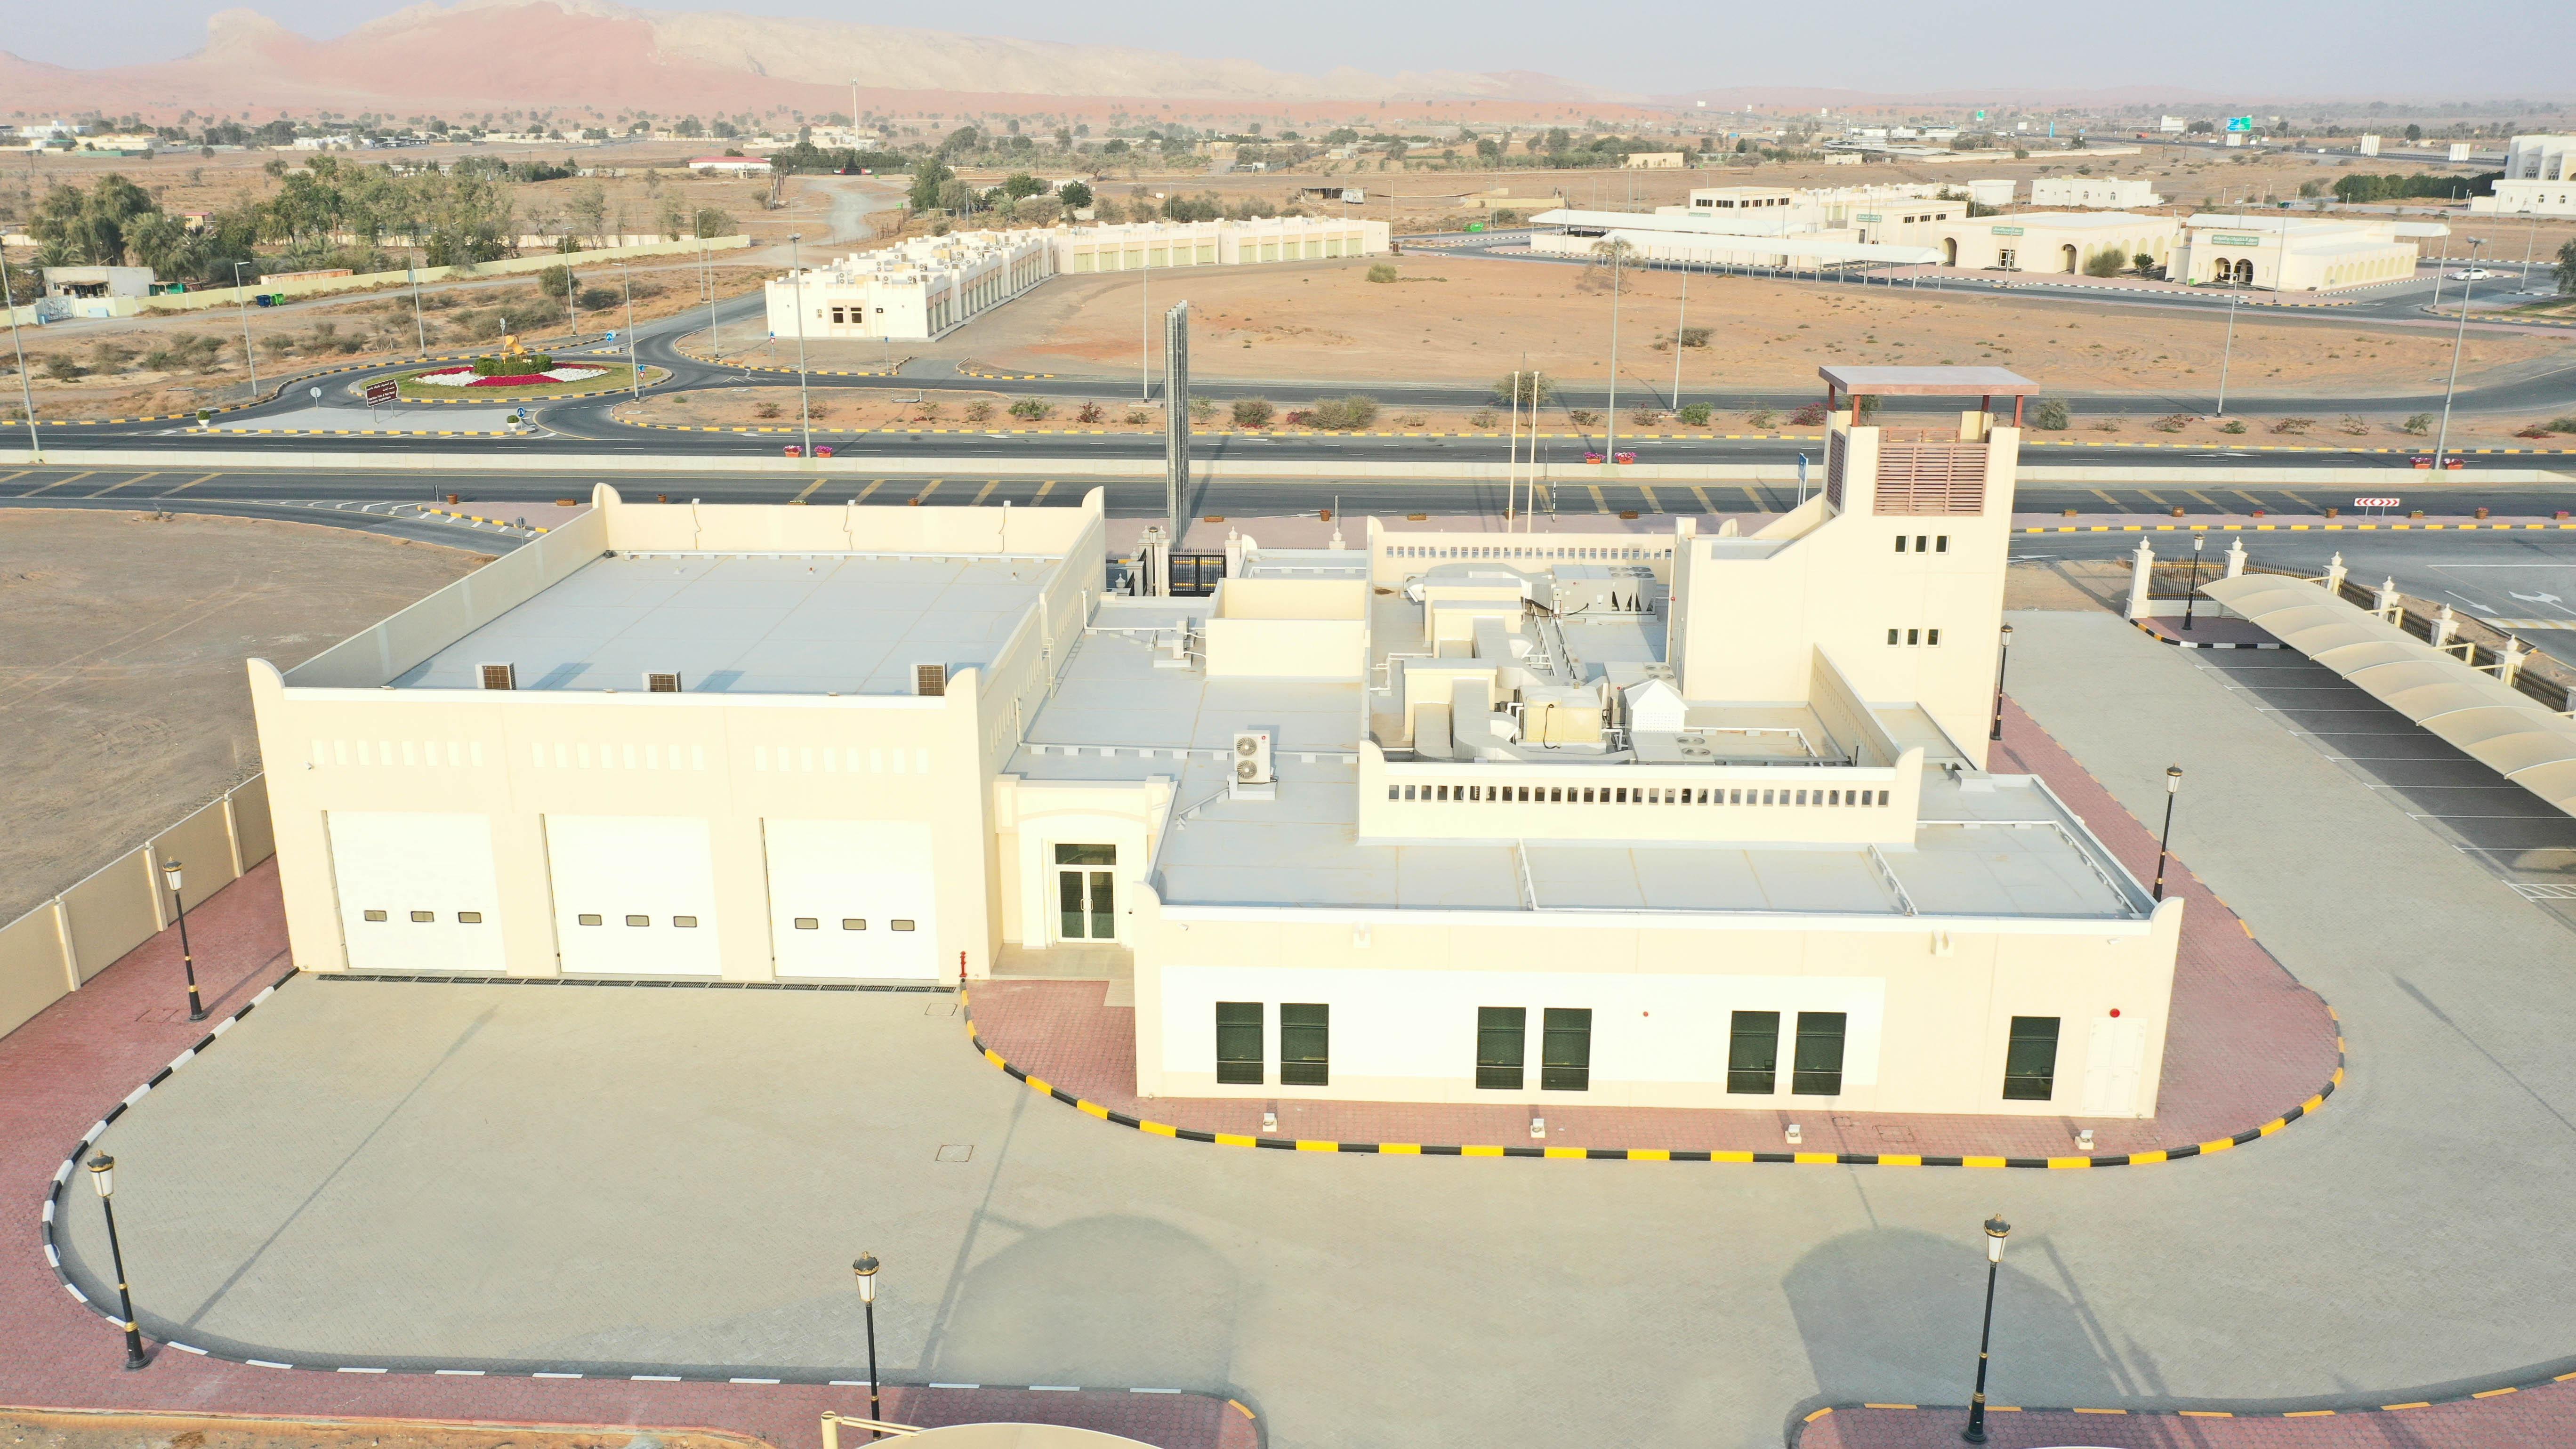 أشغال الشارقة تنجز مبنى خاصا بالدفاع المدني في المنطقة الوسطى